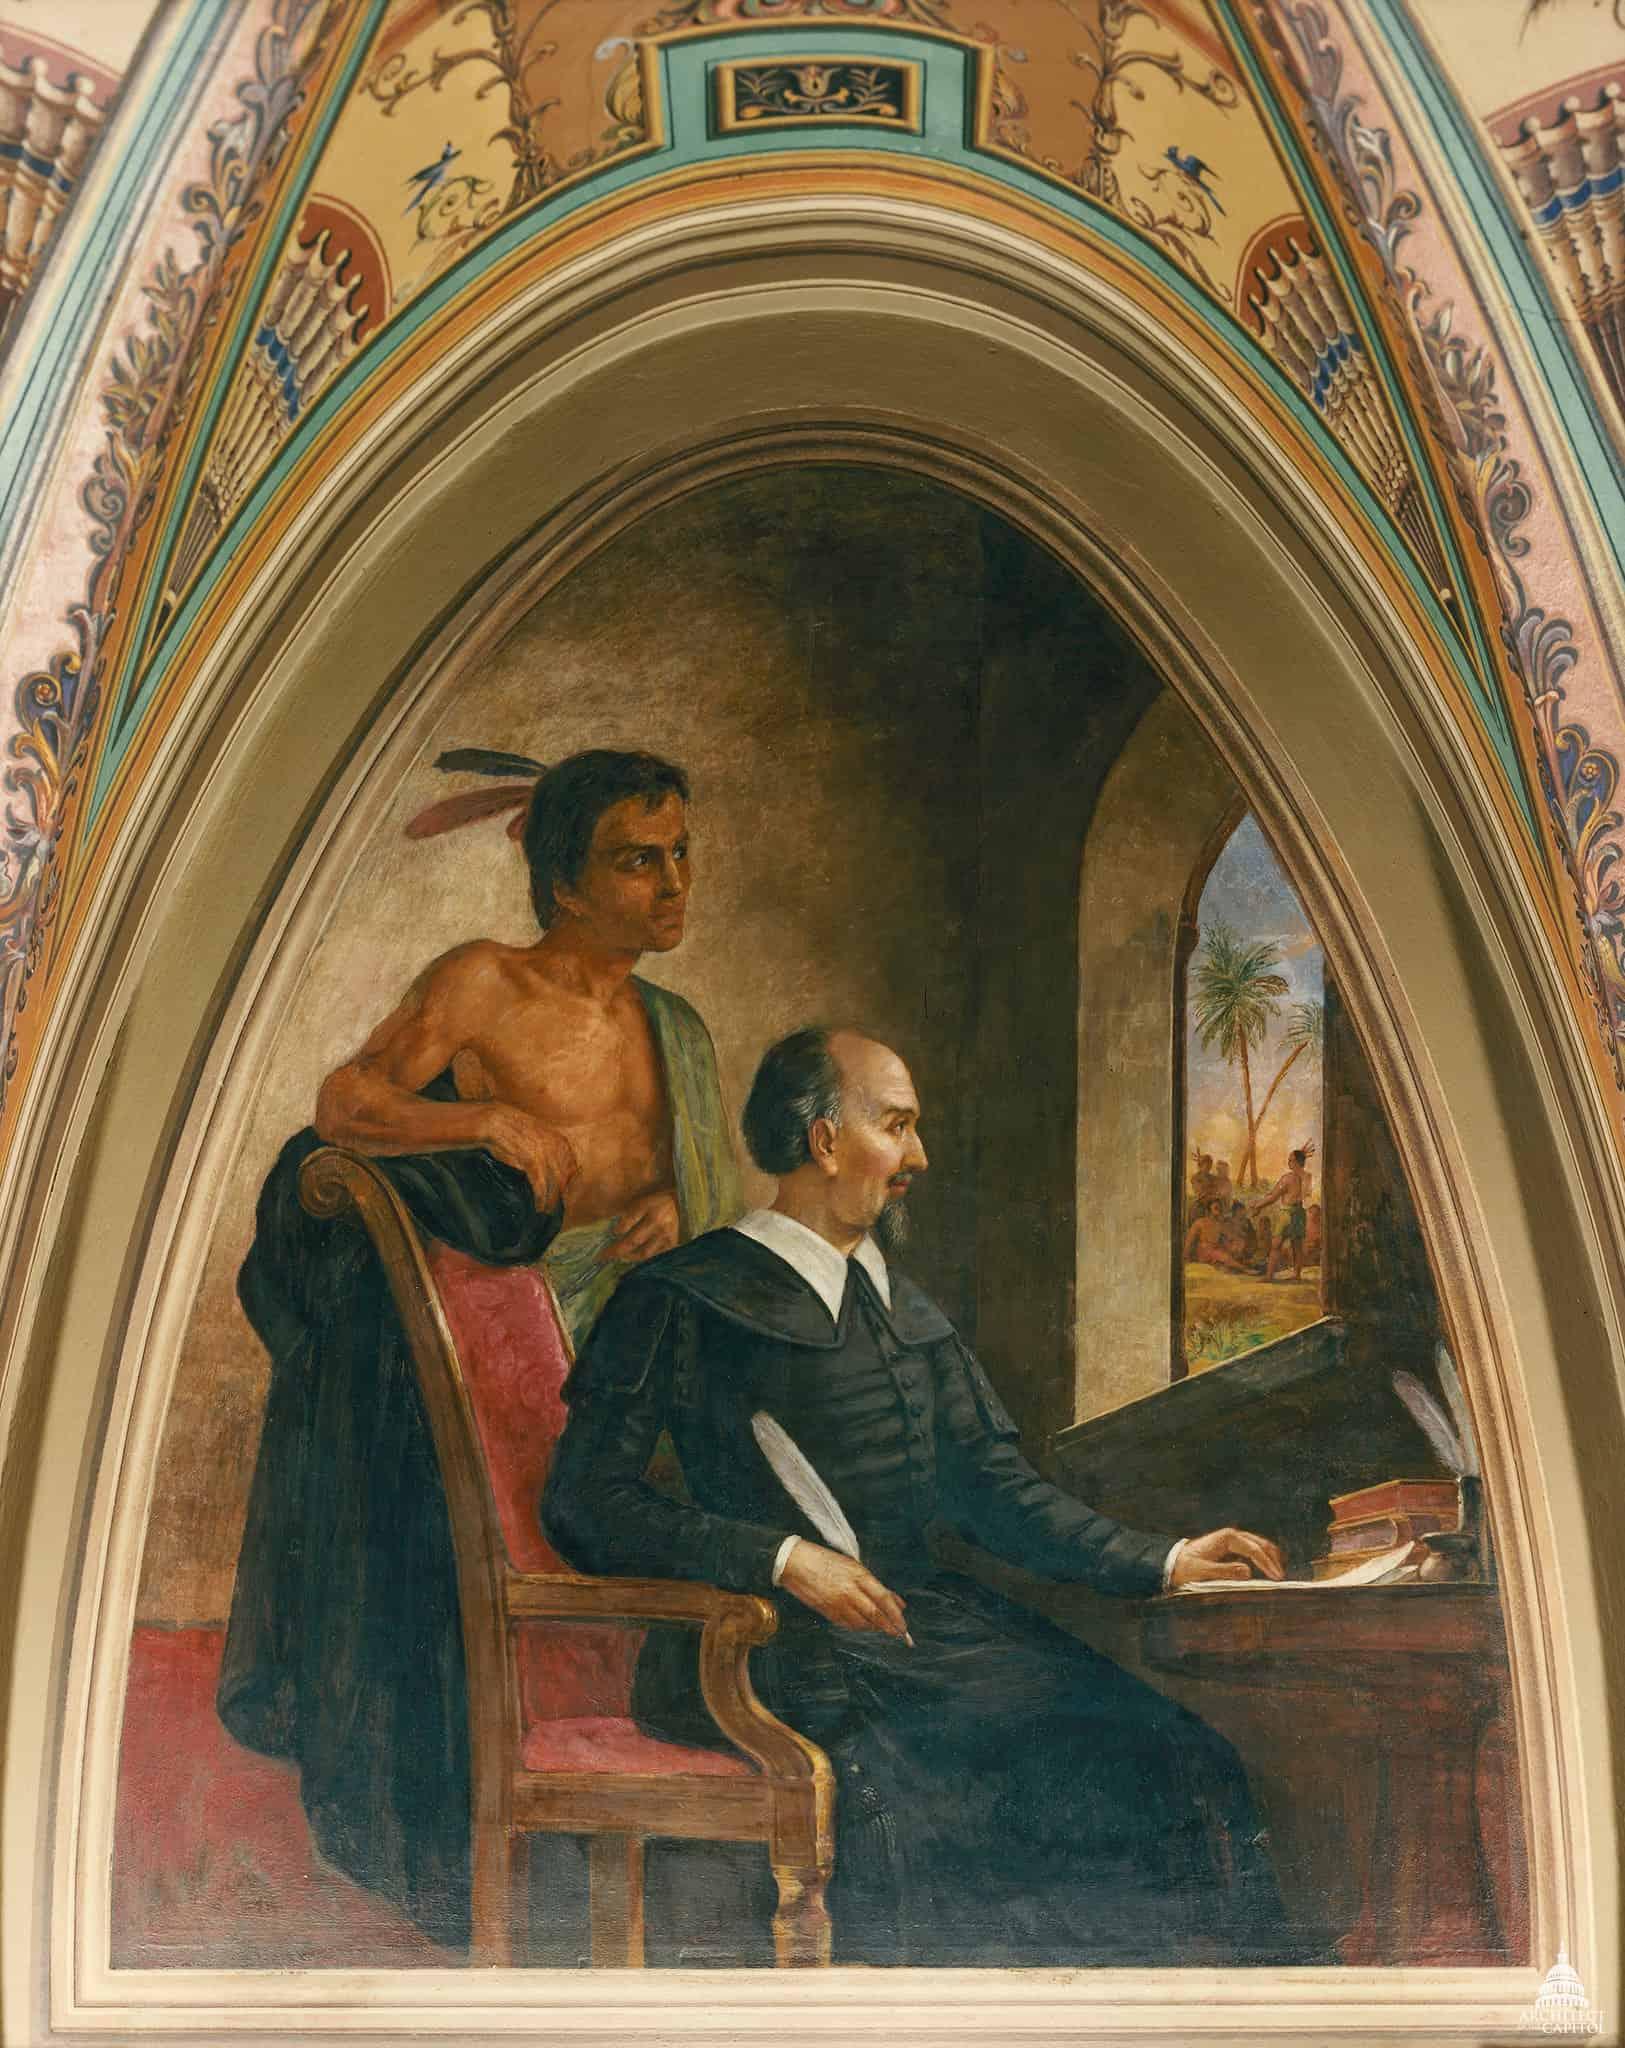 Bartolomé de las casas fresco Constantino Brumidi